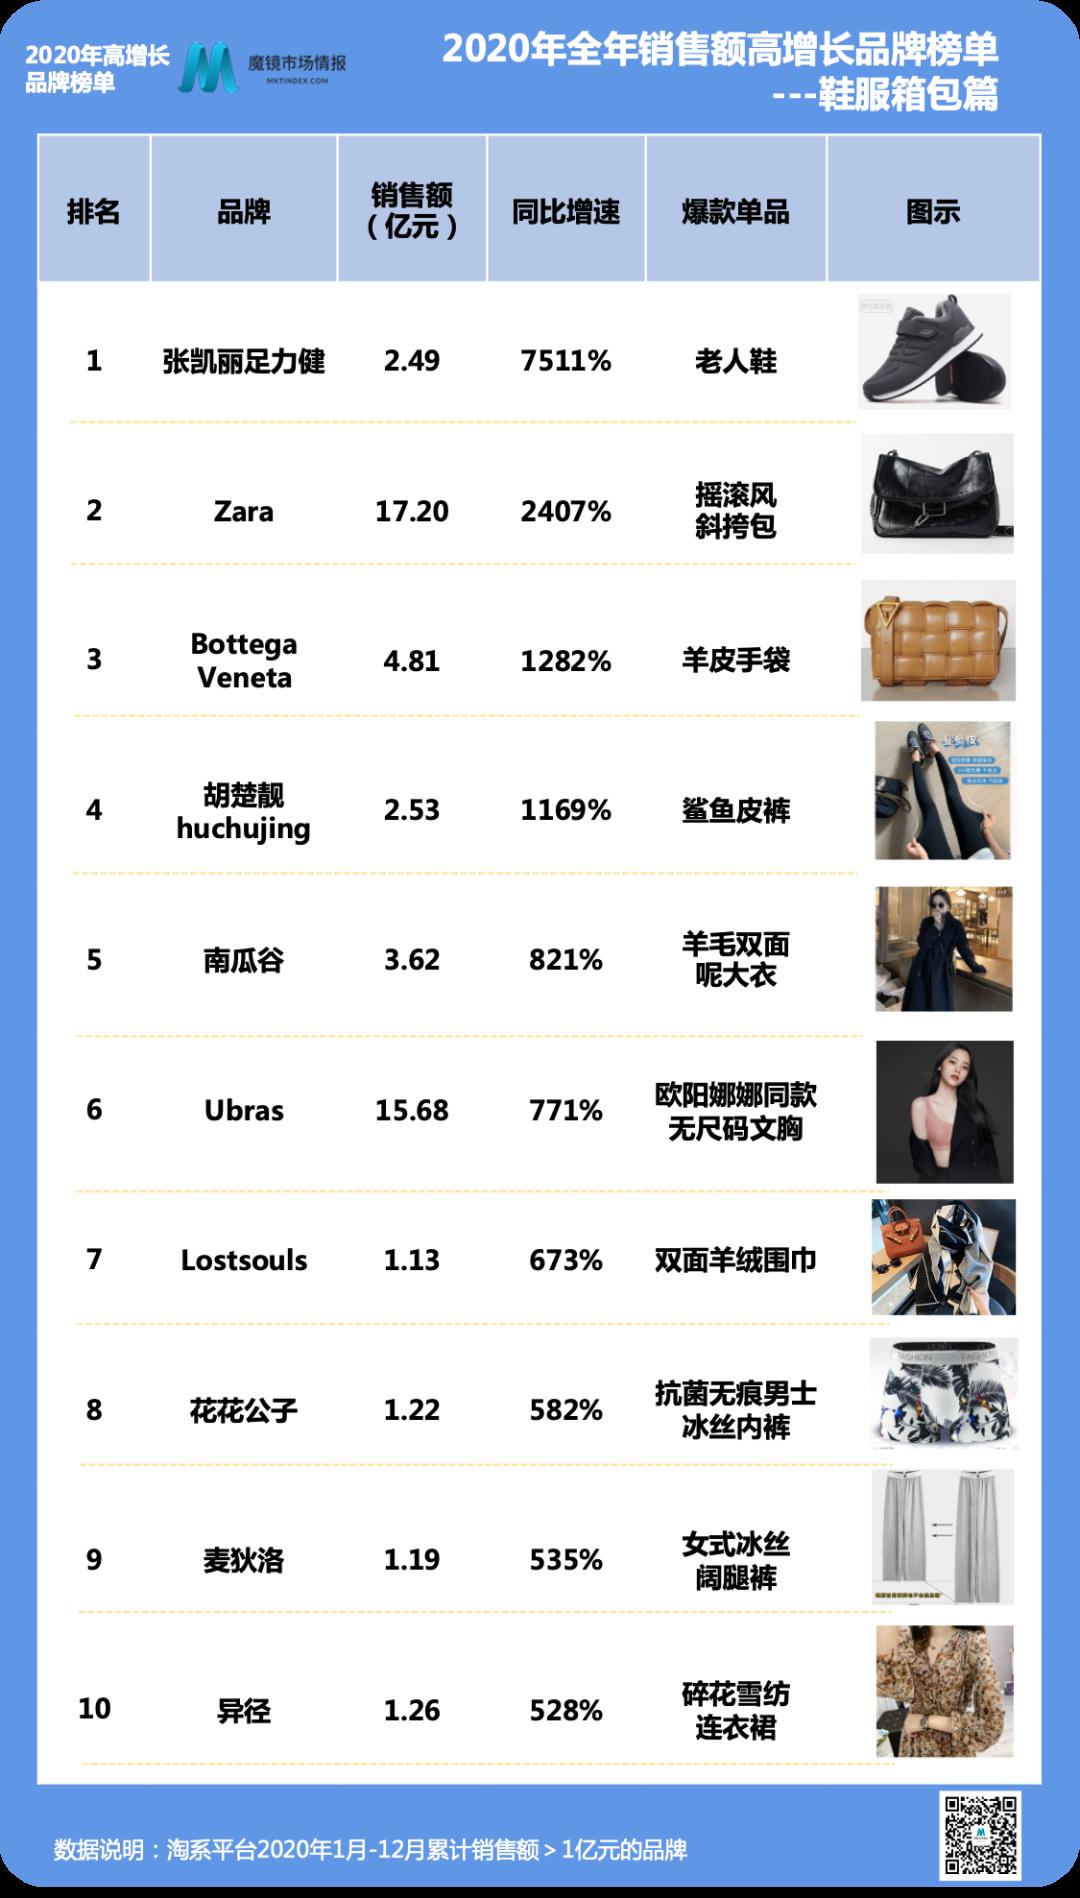 2020年度购物报告|这些品牌,你们竟然买了这么多?